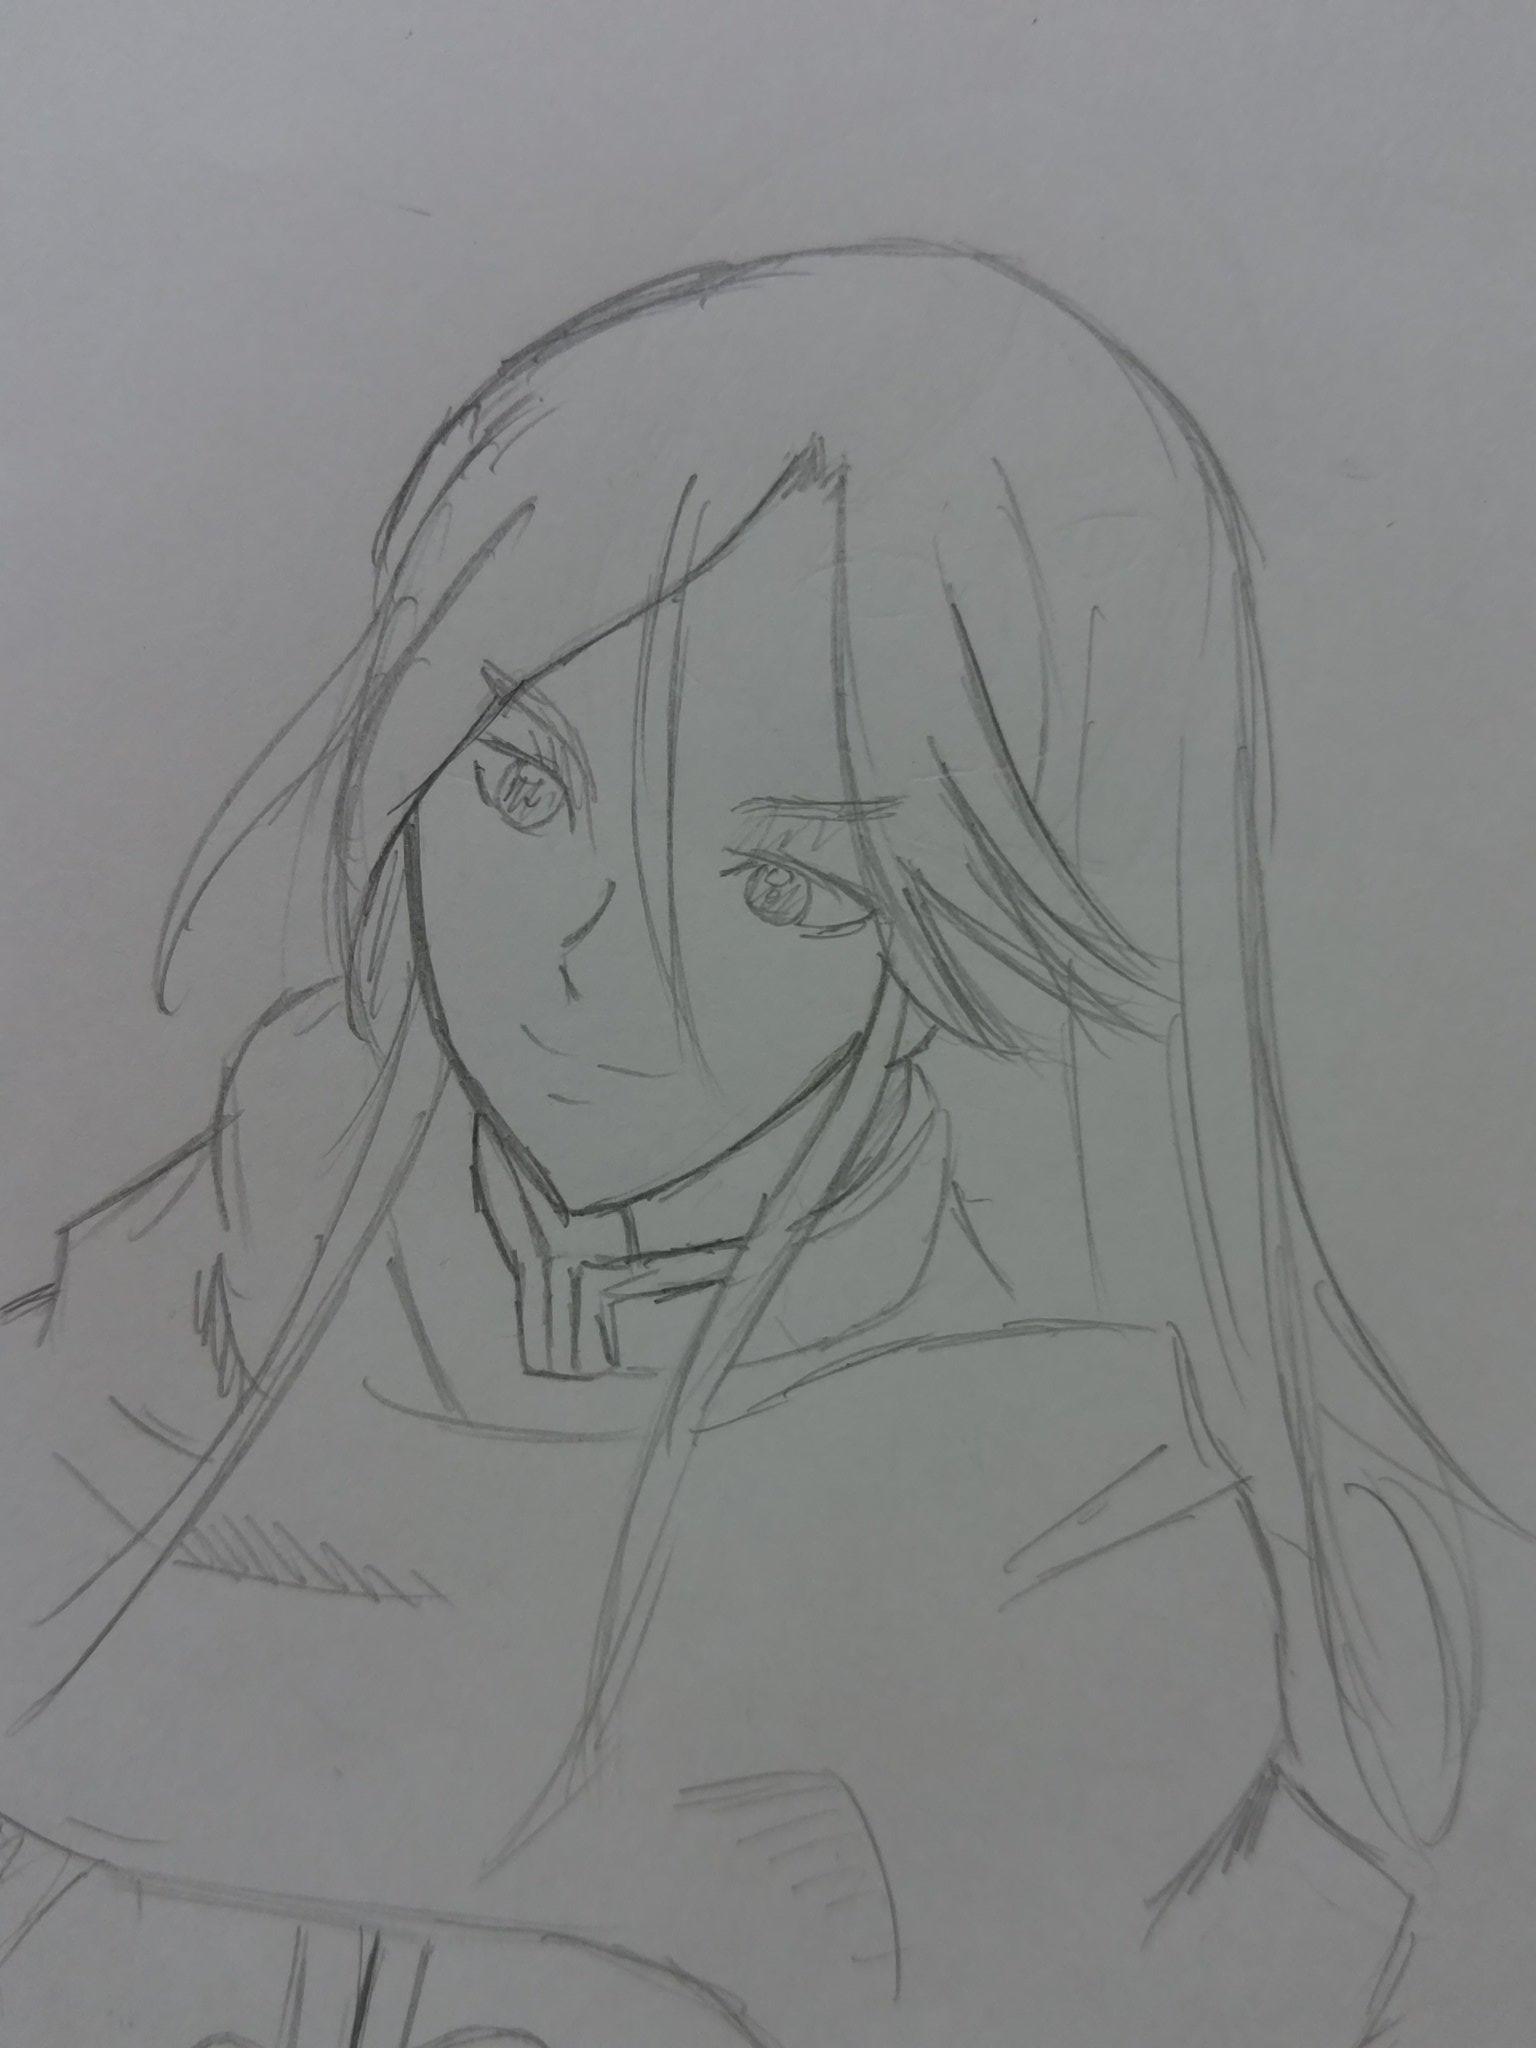 ツマぶき (@E0hFSvIvbi8XPpF)さんのイラスト